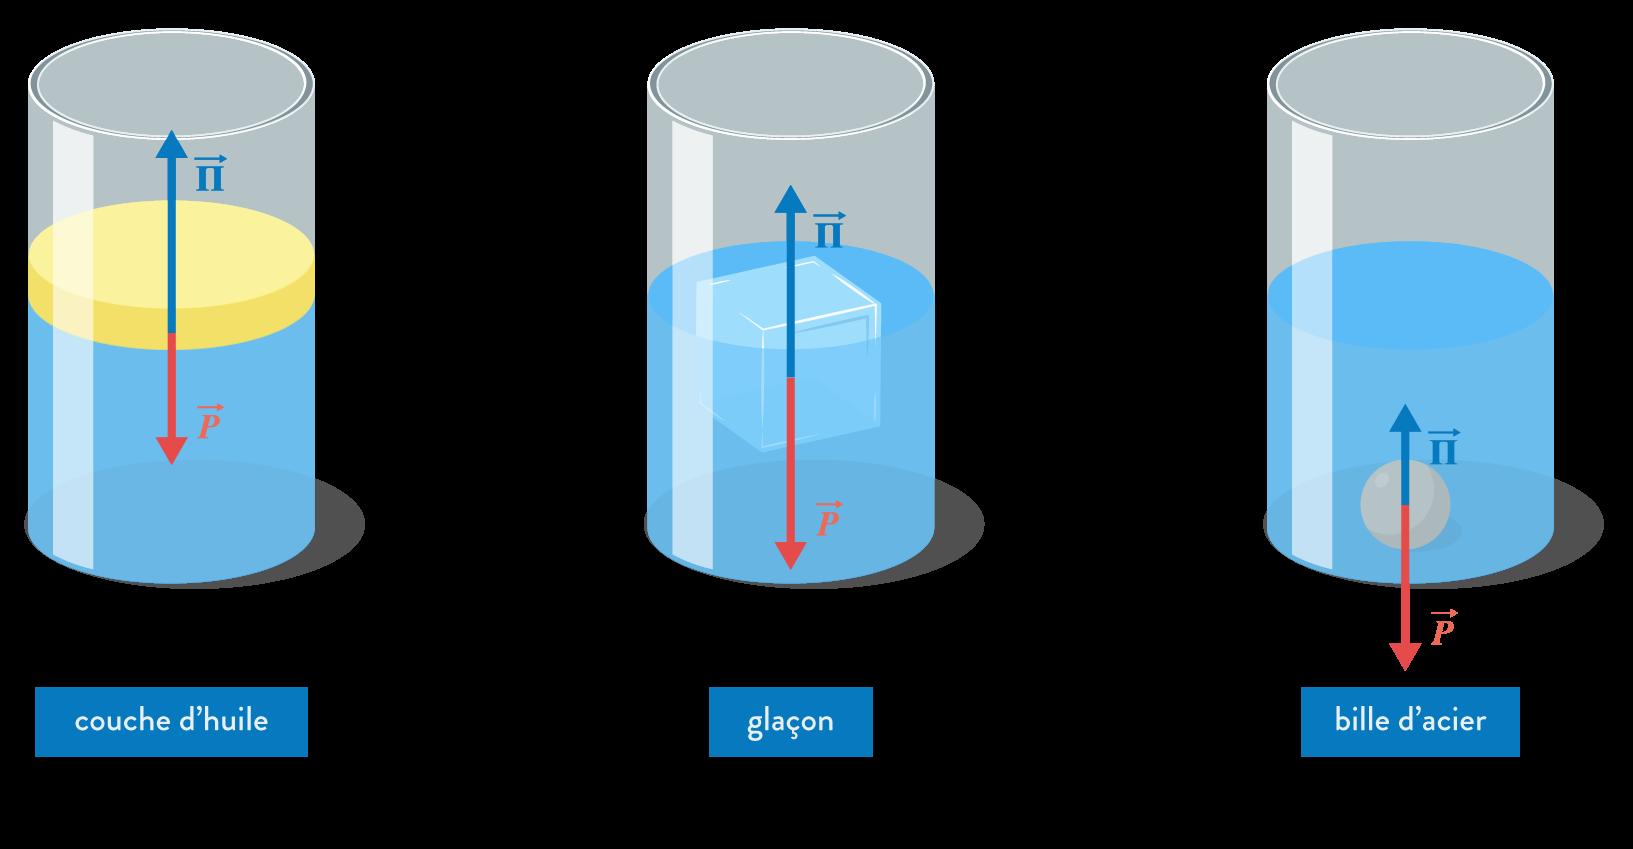 physique chimie première réforme solubilité extraction solvant poussée Archimède